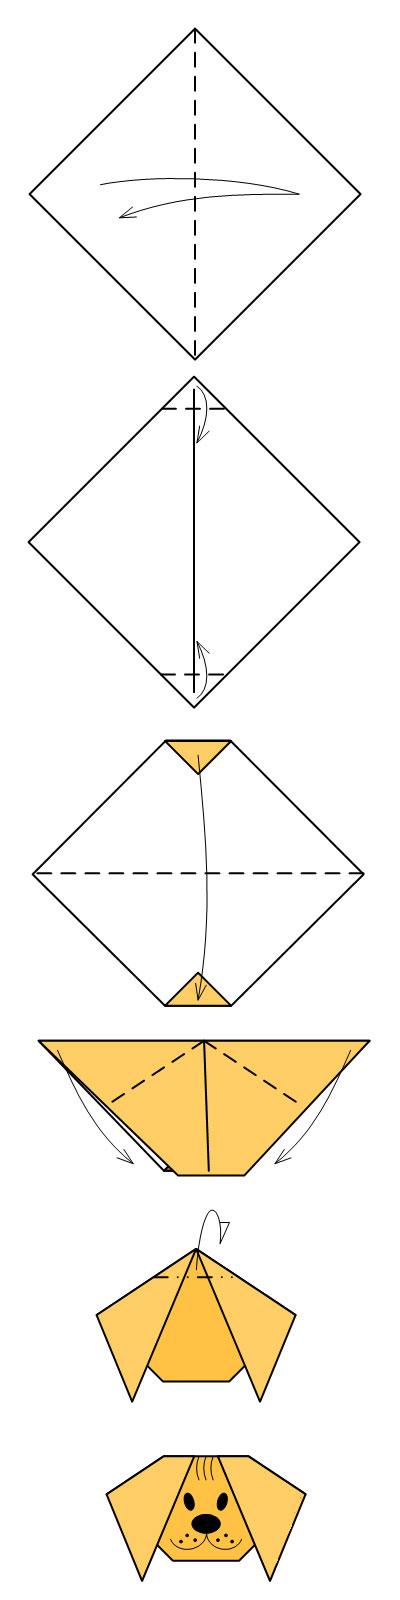 Оригами как делать поделки из бумаги 30